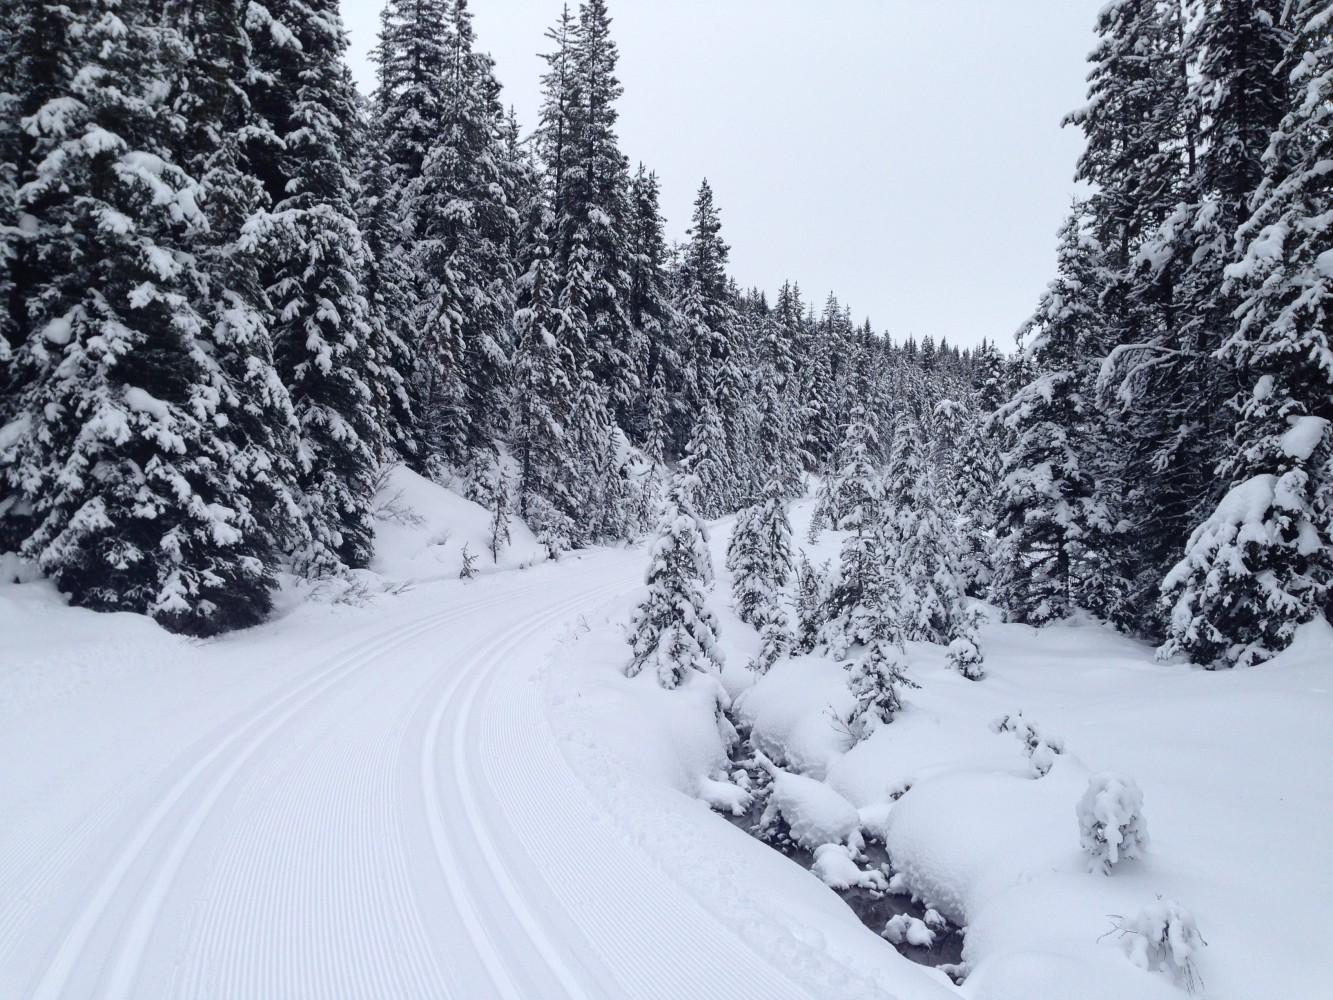 groomed ski trail, choosing a trail